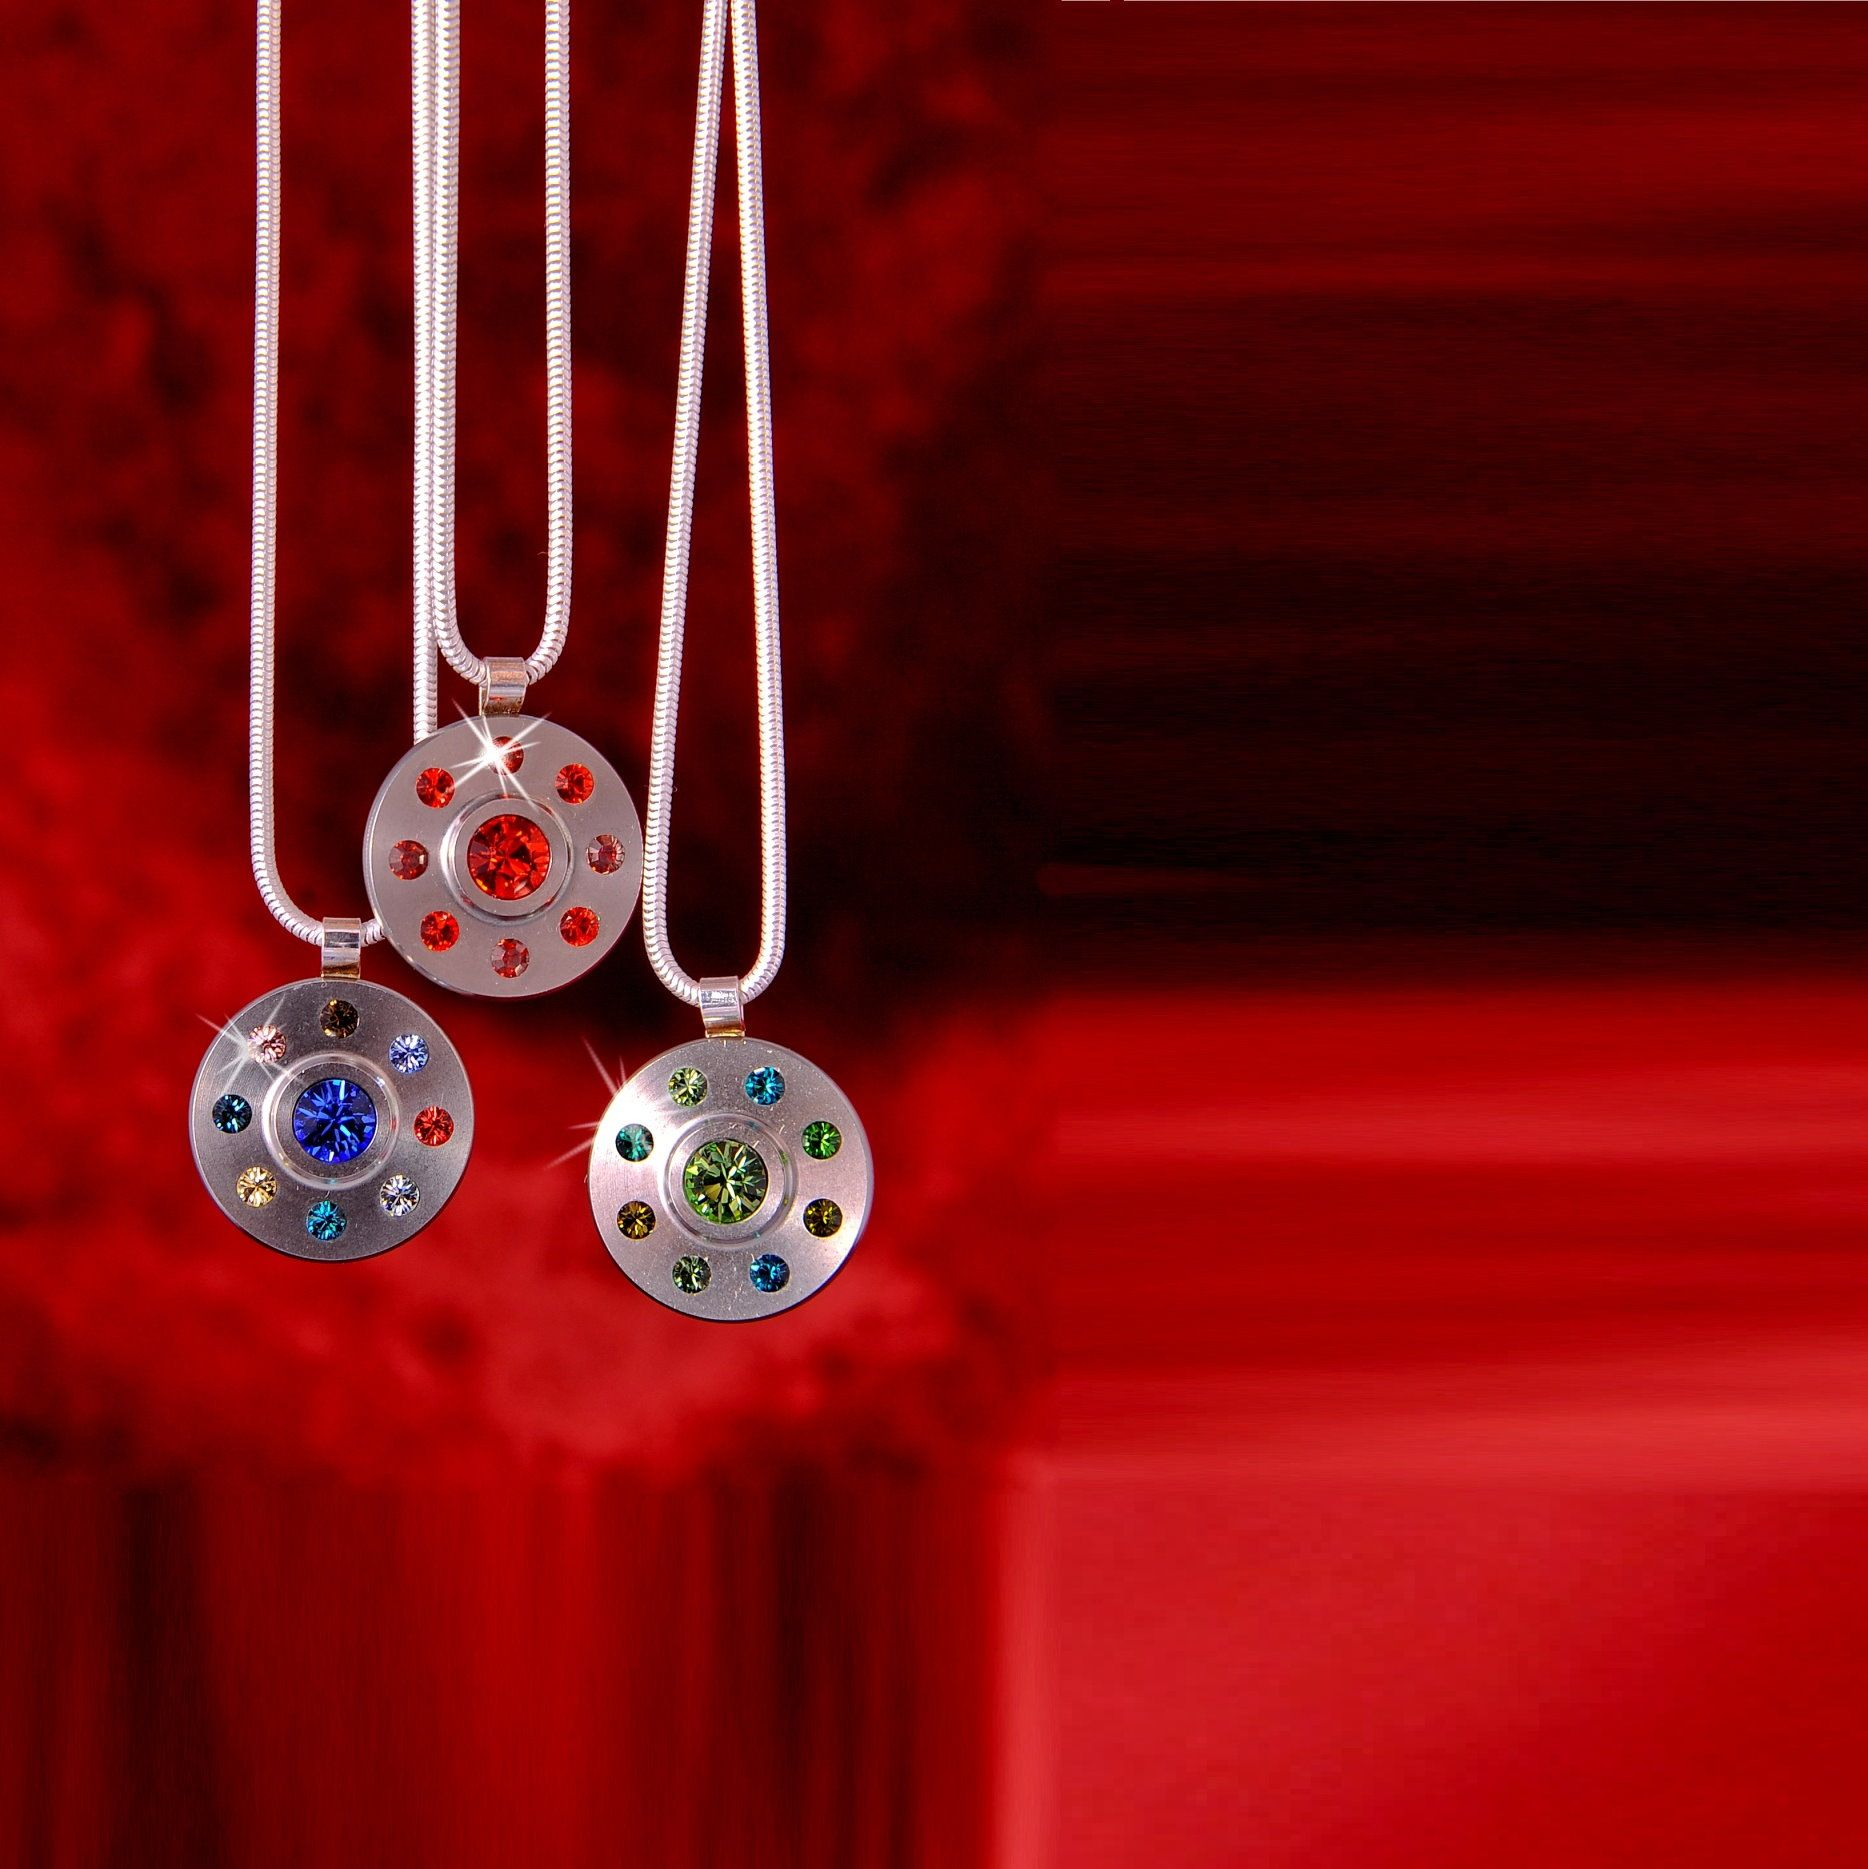 Anhänger aus Edelstahl und Swarovski Elements Kristallen